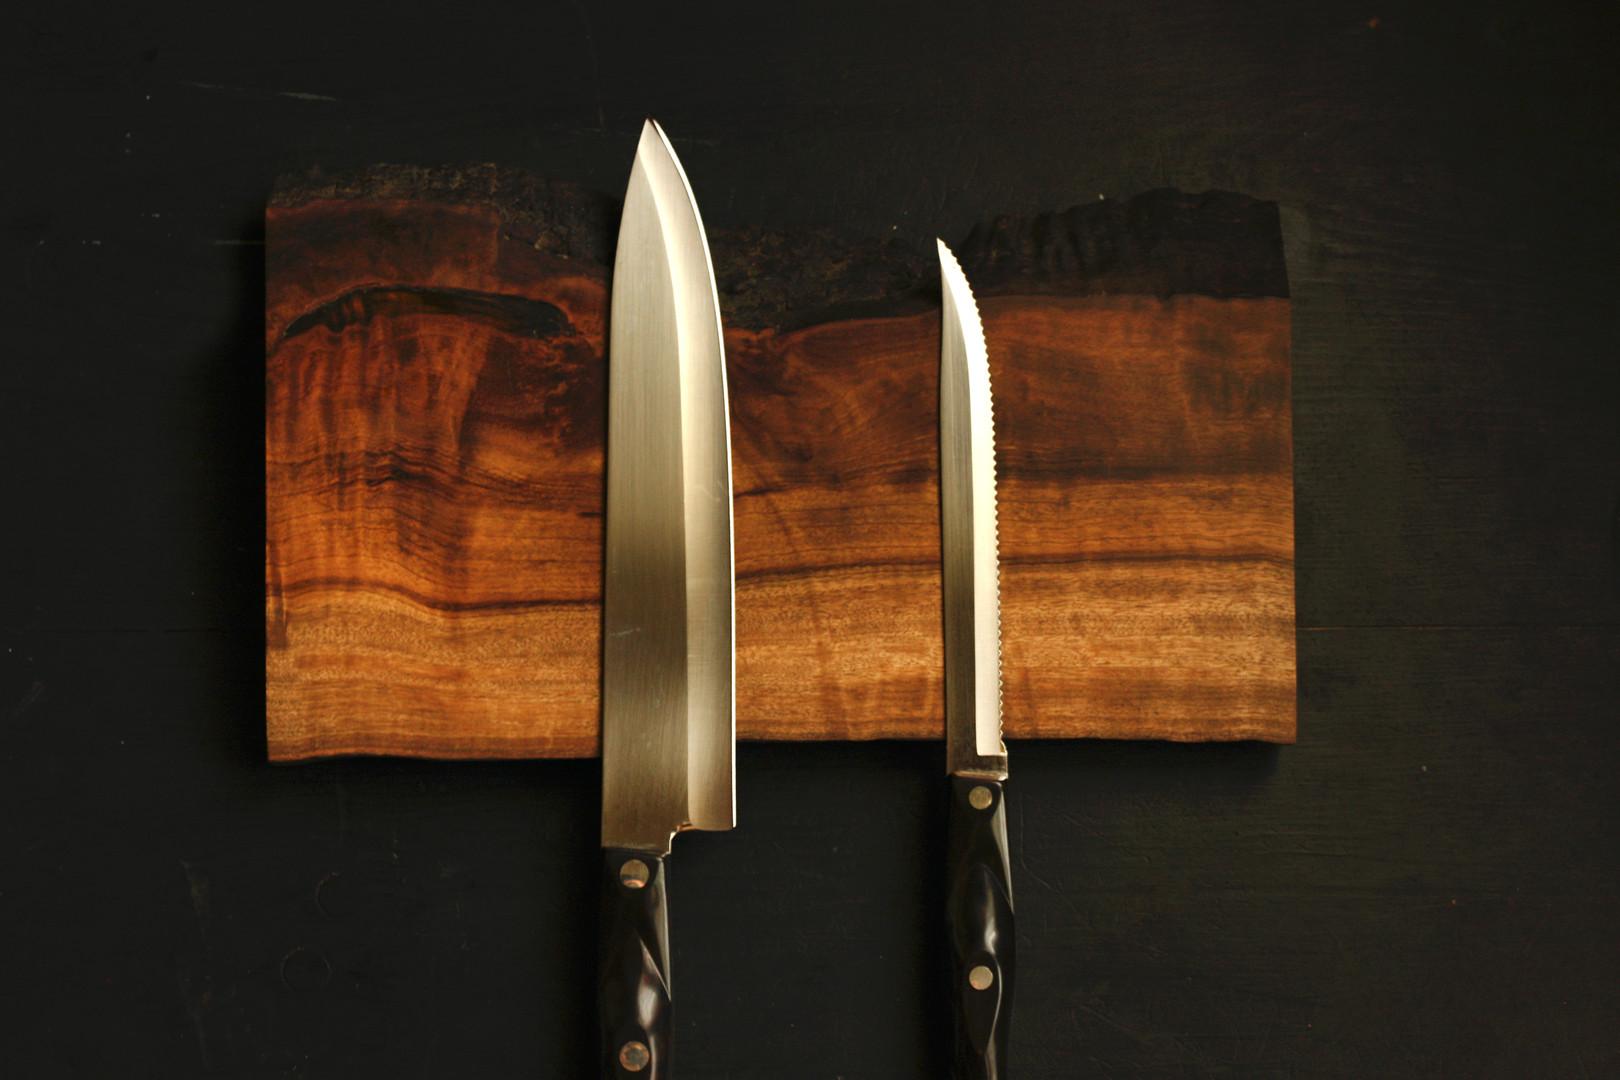 knife magnet 2 knives.jpg